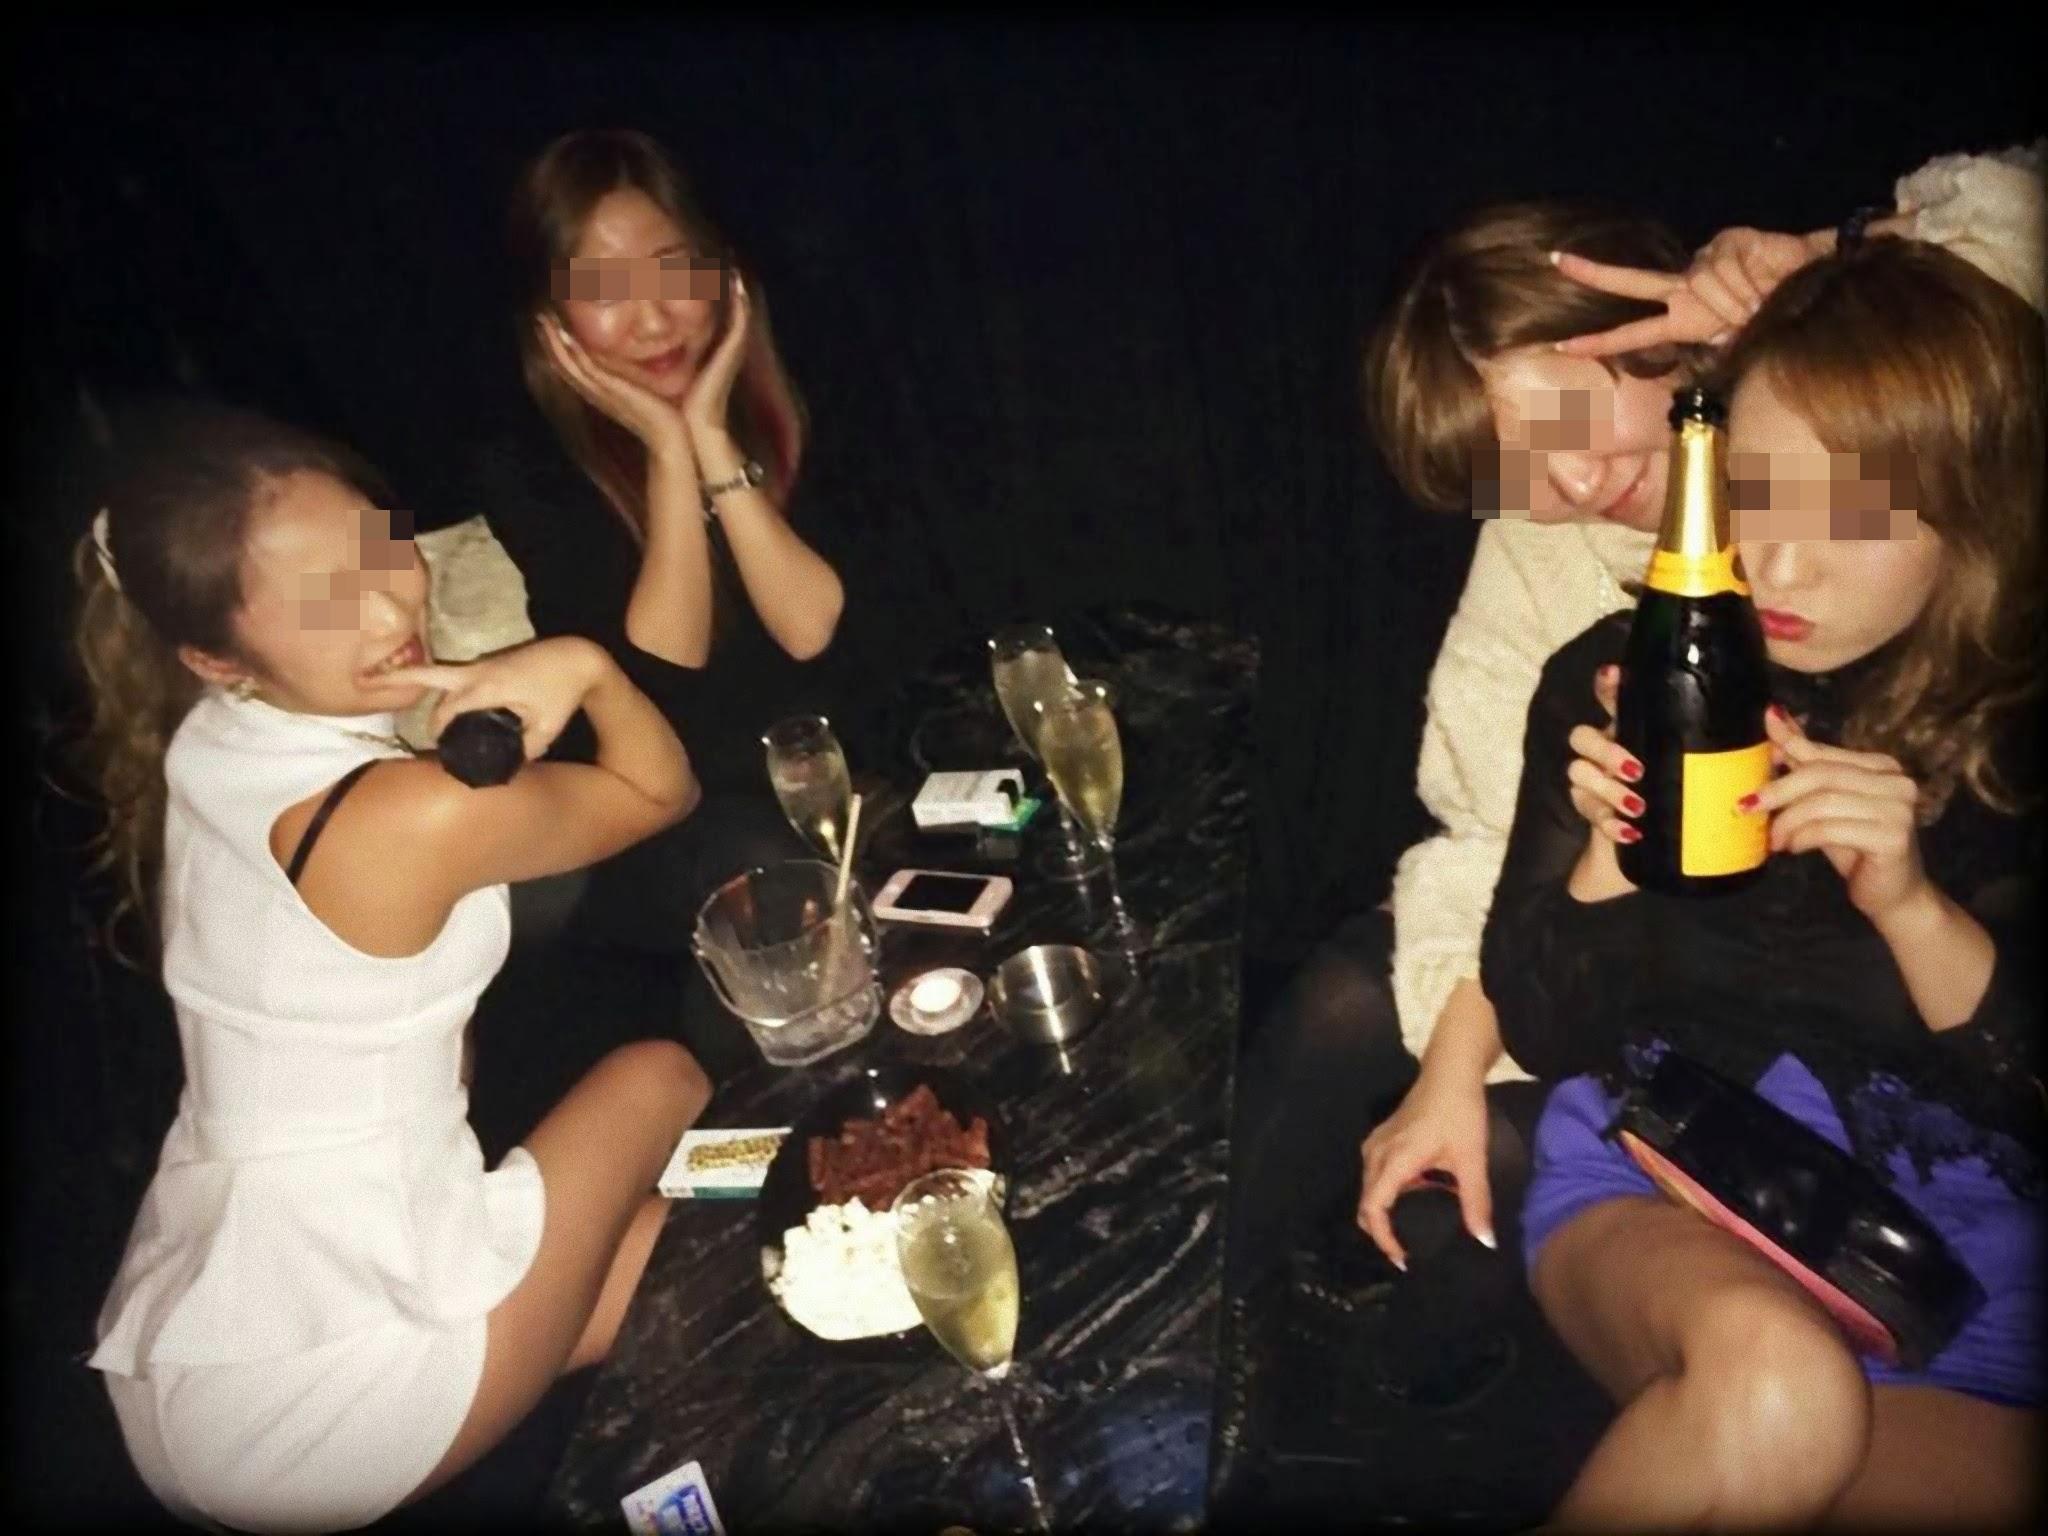 【女子会エロ画像】飲んで酔っ払って乱痴気騒ぎwww女子会で暴走するリア充女子が下品すぎて大変よろしいww その8